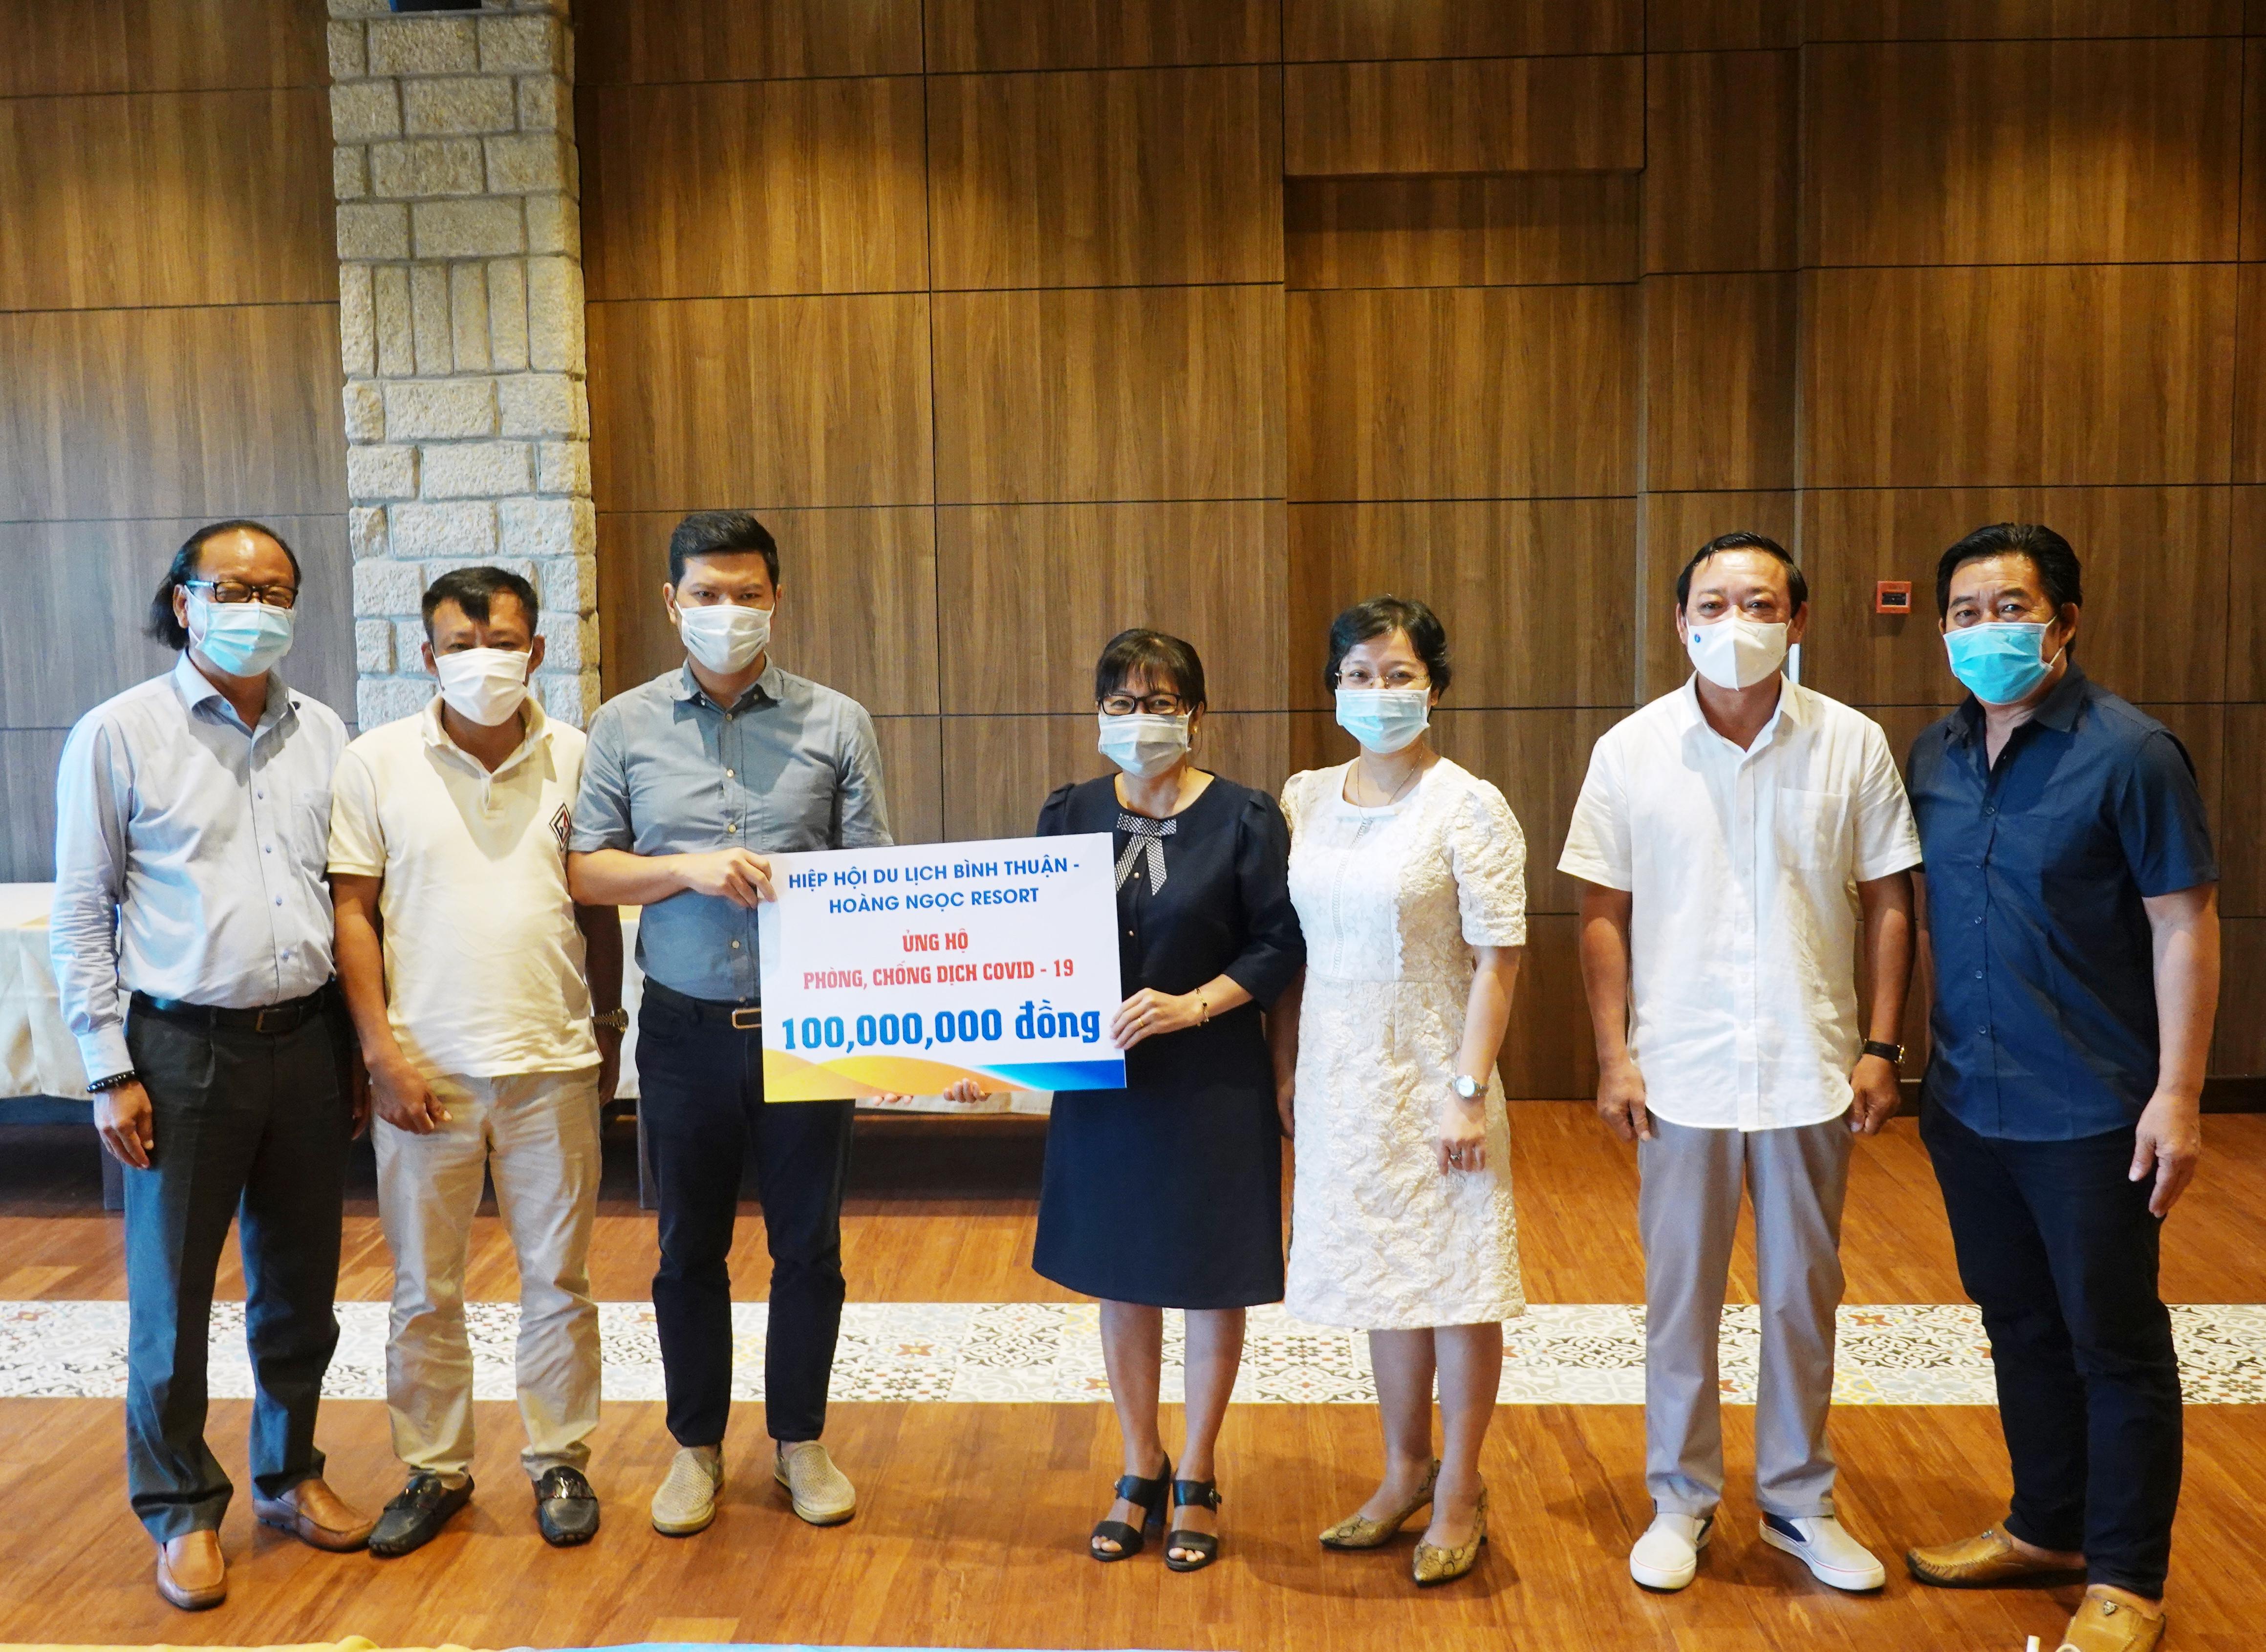 Bình Thuận tiếp tục khẳng định là điểm đến an toàn